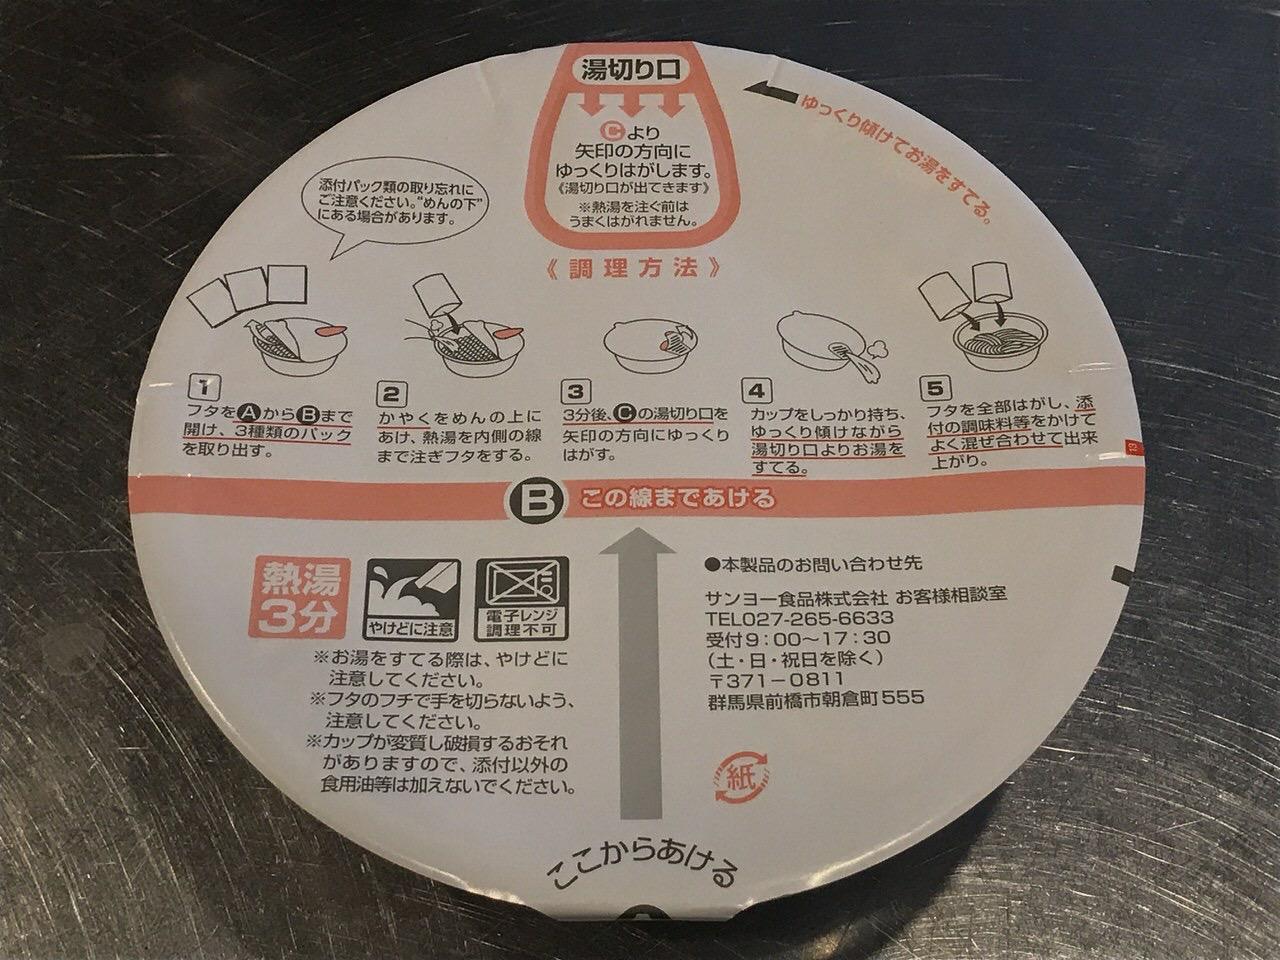 ファイヤーホール4000 菰田欣也シェフ監修 四川汁なし担担麺 06